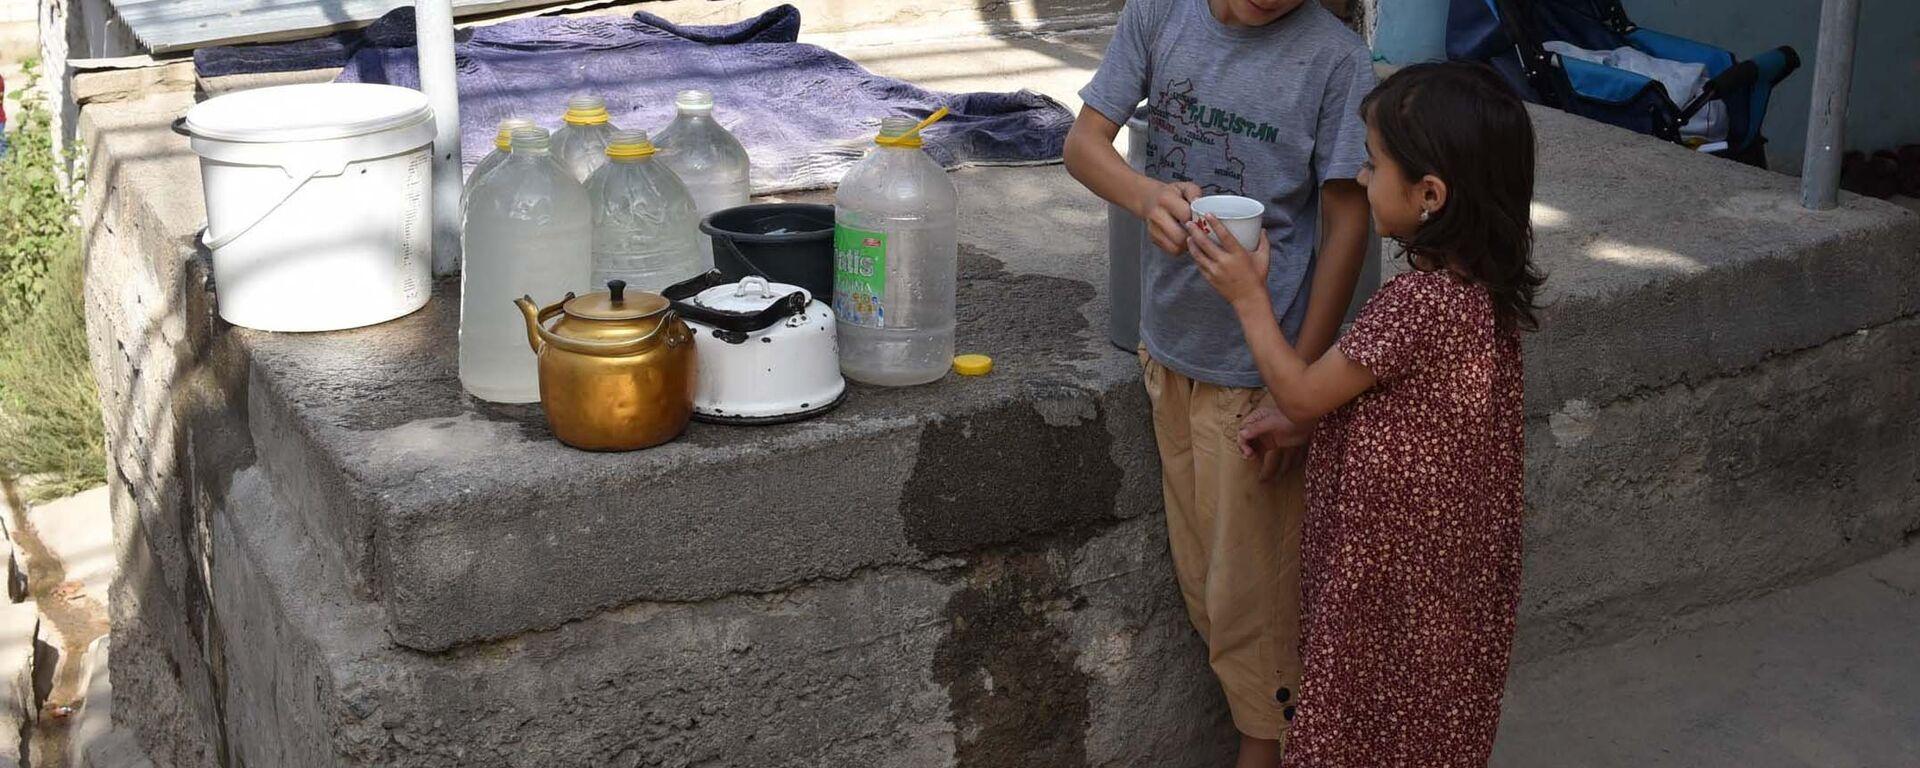 Как душанбинцам живется без водопровода - Sputnik Таджикистан, 1920, 27.08.2021